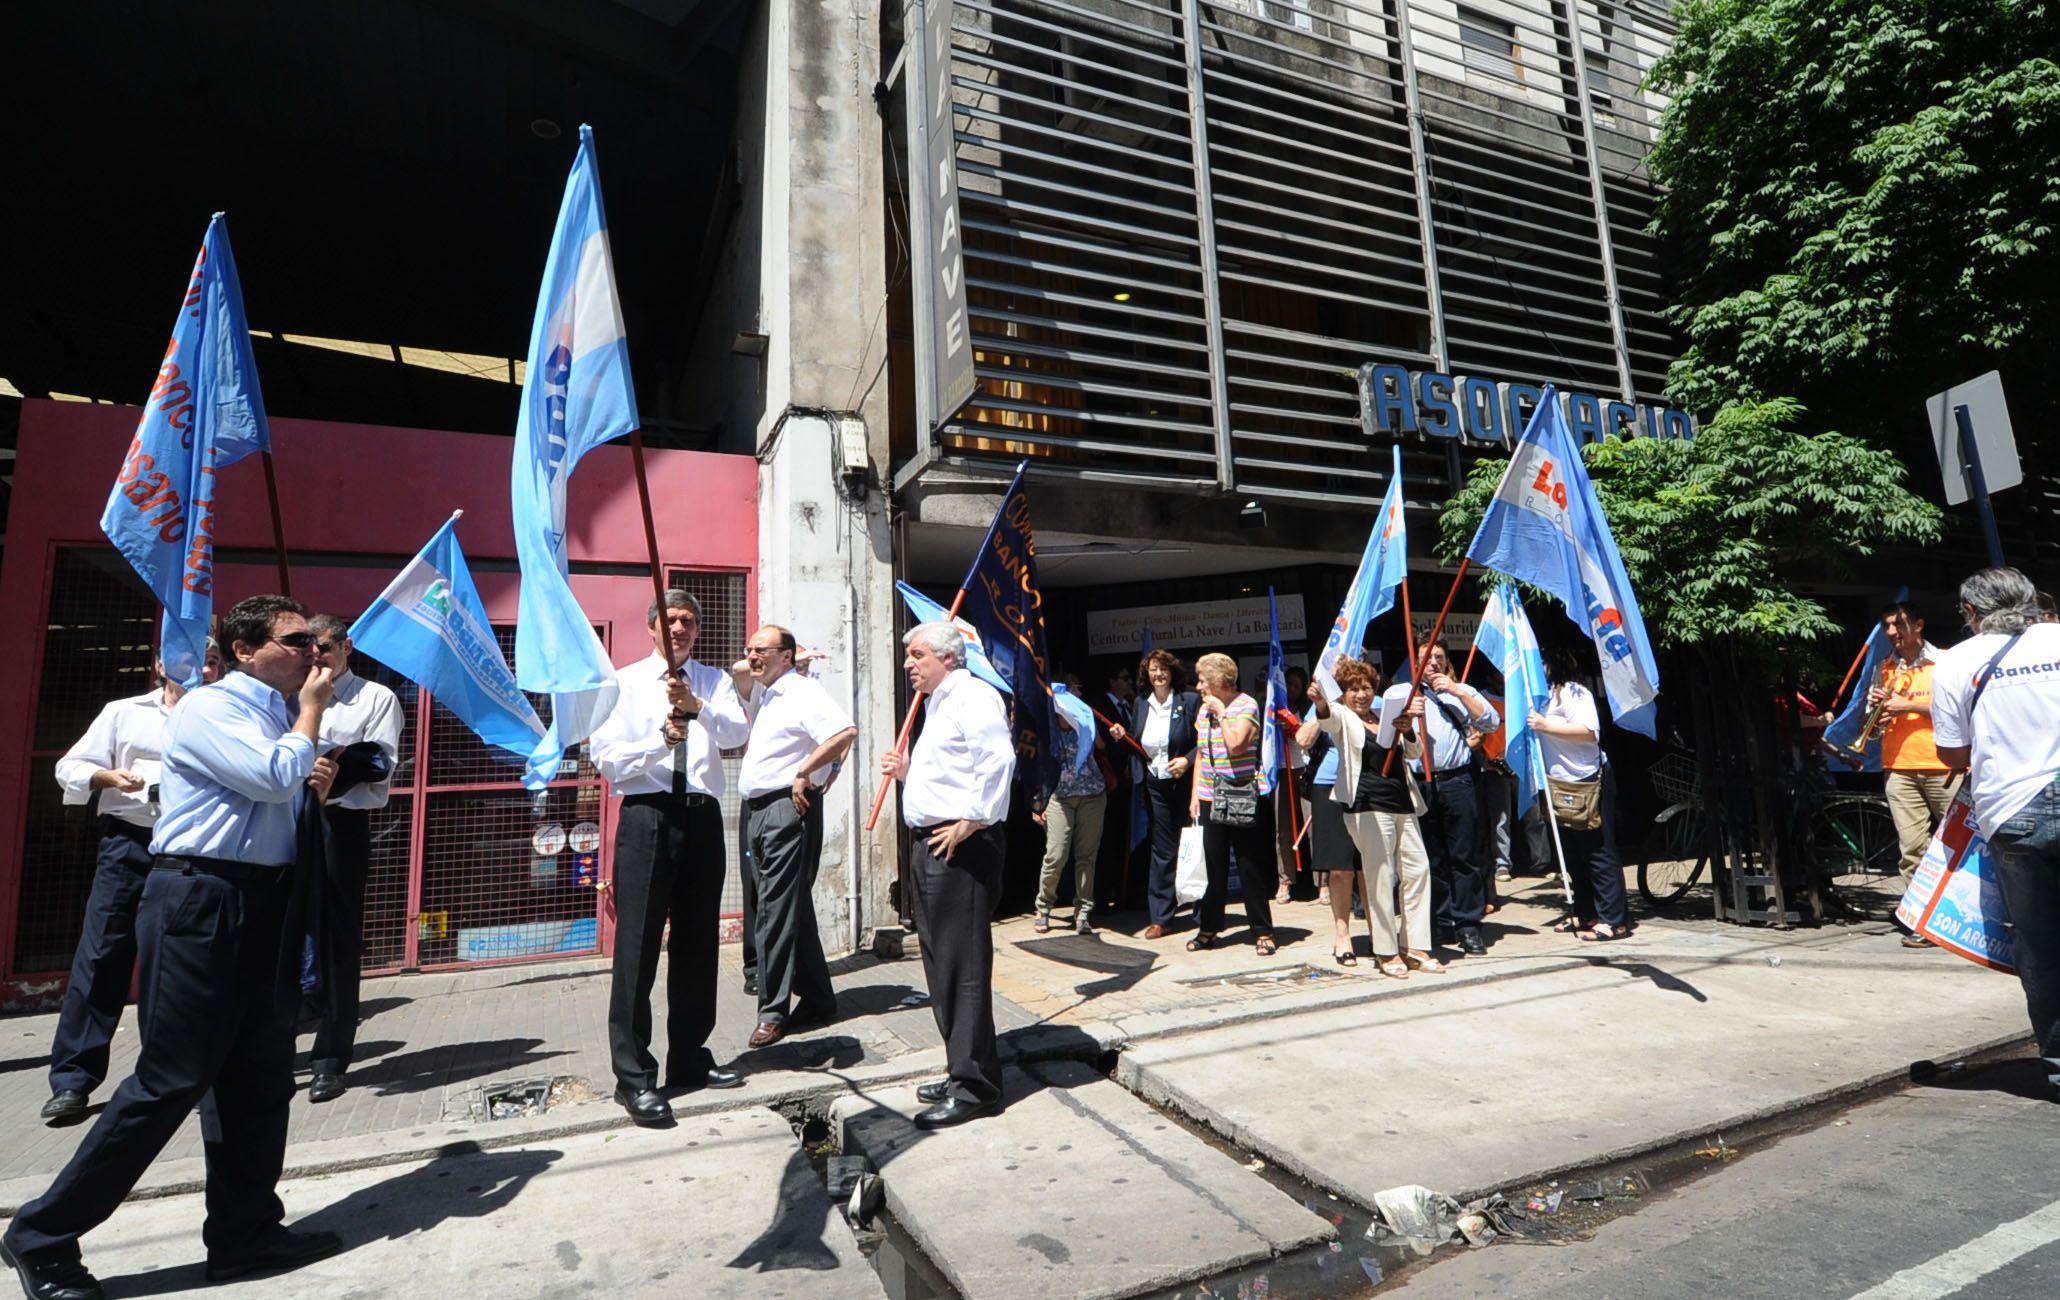 Los bancarios rosarinos se movilizarán hoy desde las 10 por las calles del centro.